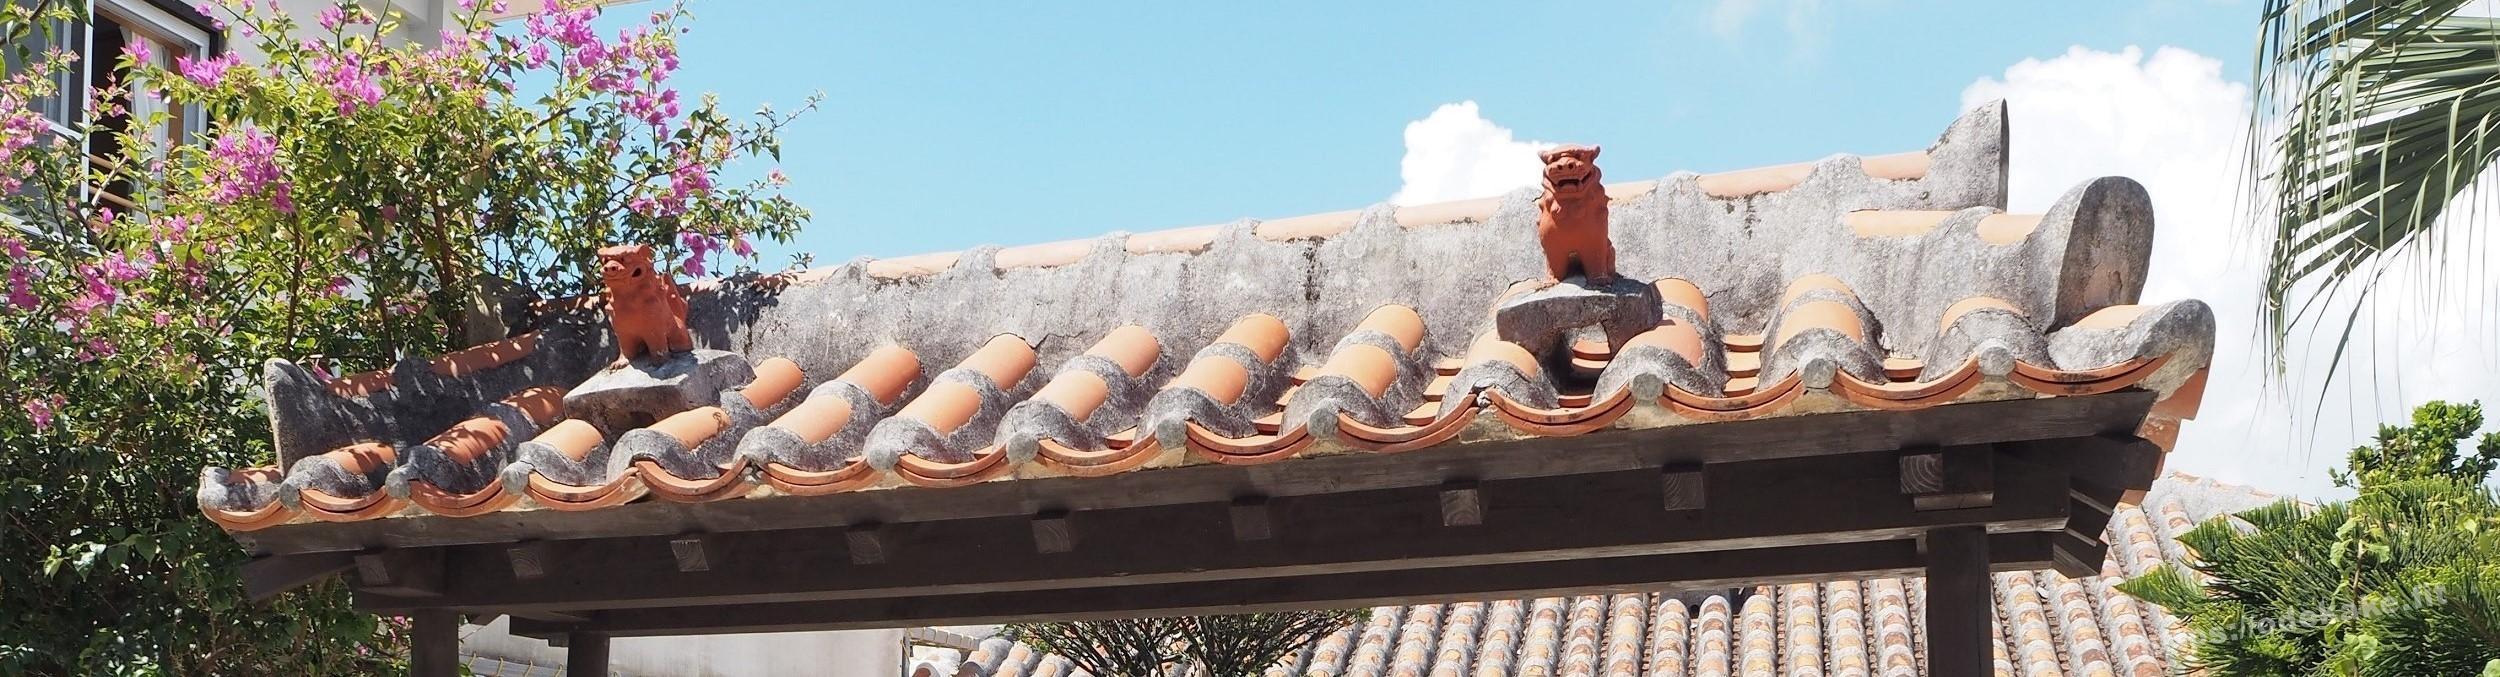 【竹富島6】民宿「内盛荘」に泊まったよ♪リニューアルされて綺麗だし夕飯も豪華!